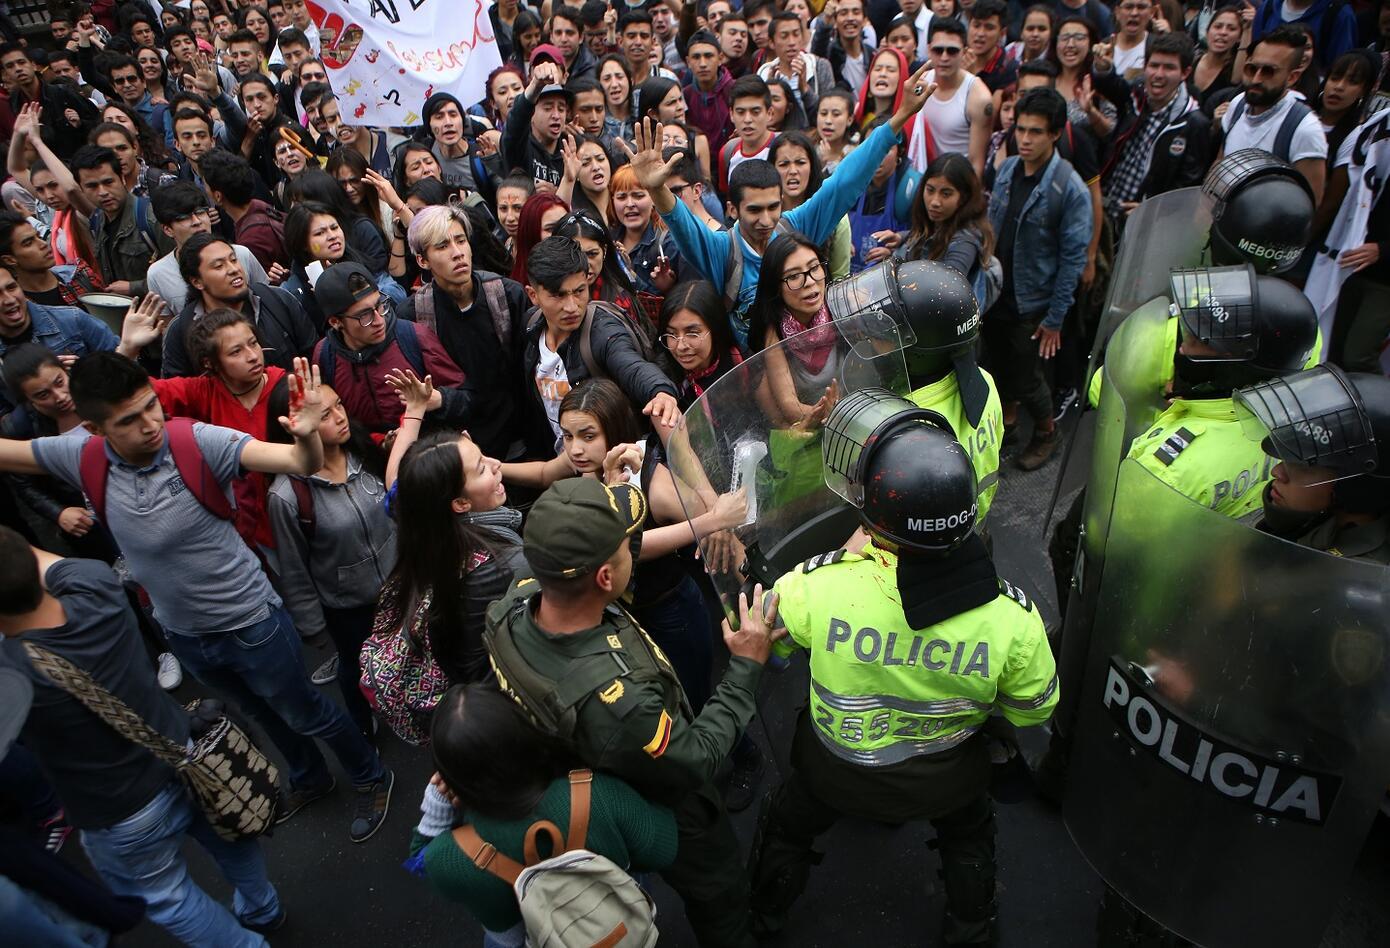 A pesar de que las marchas han concurrido en completa normalidad, más de 1500 policías custodian las manifestaciones.